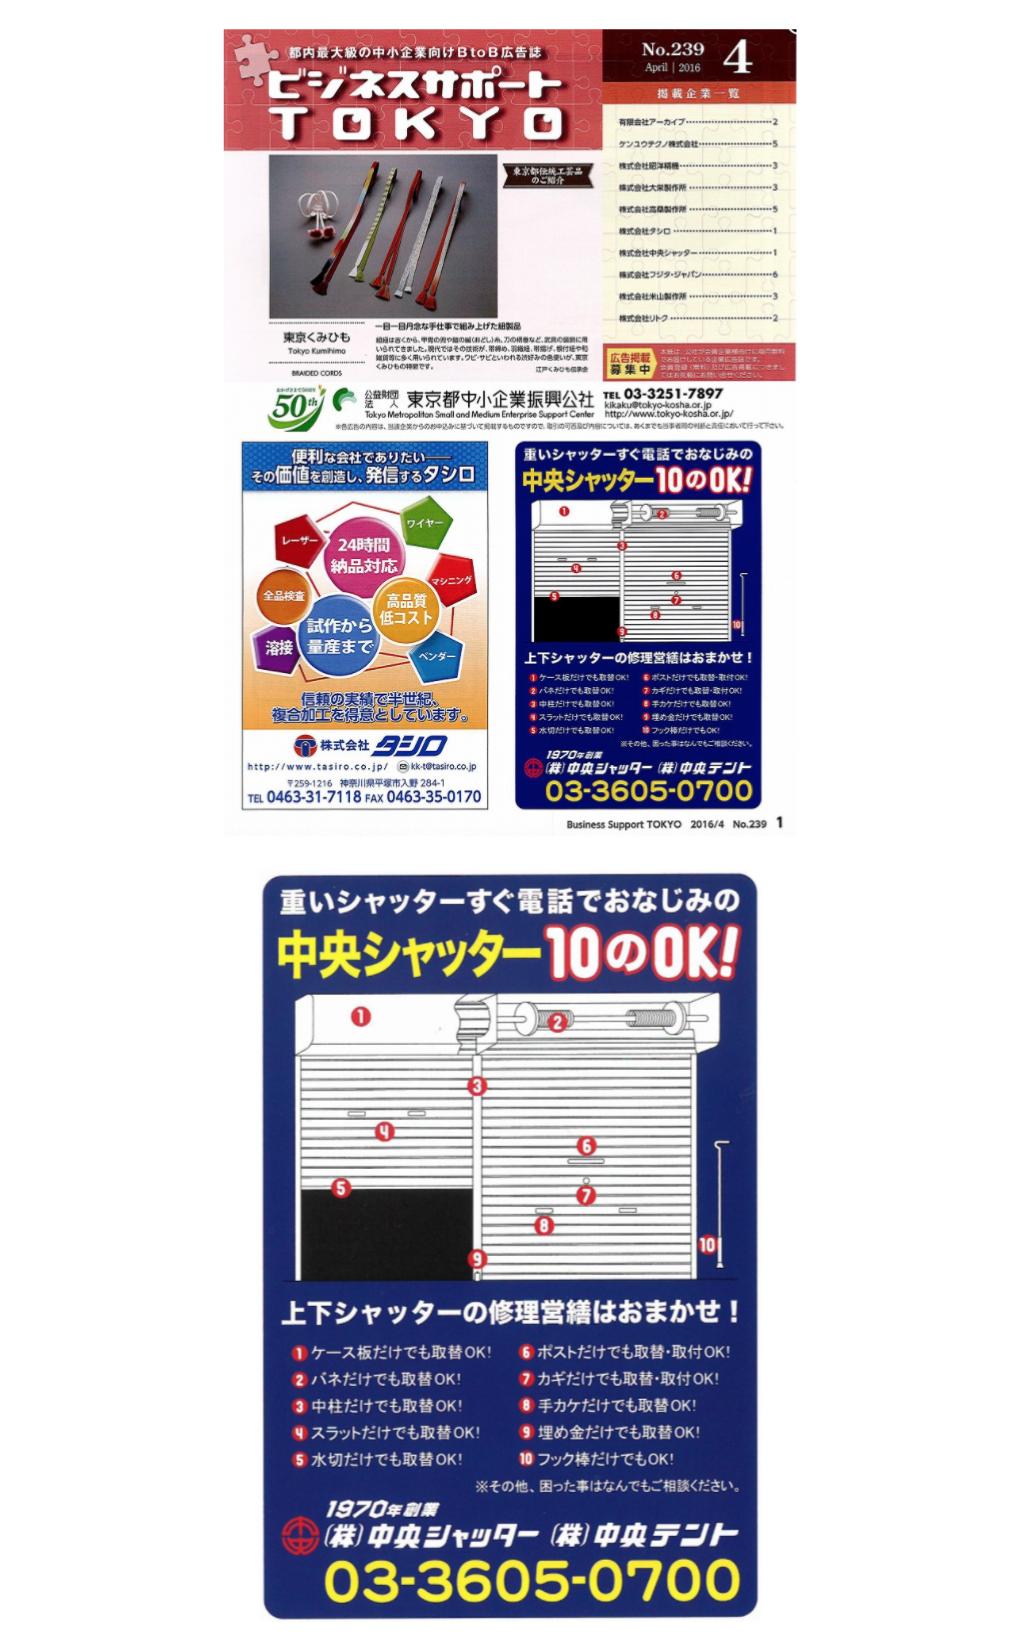 201604ビジネスサポートTOKYO